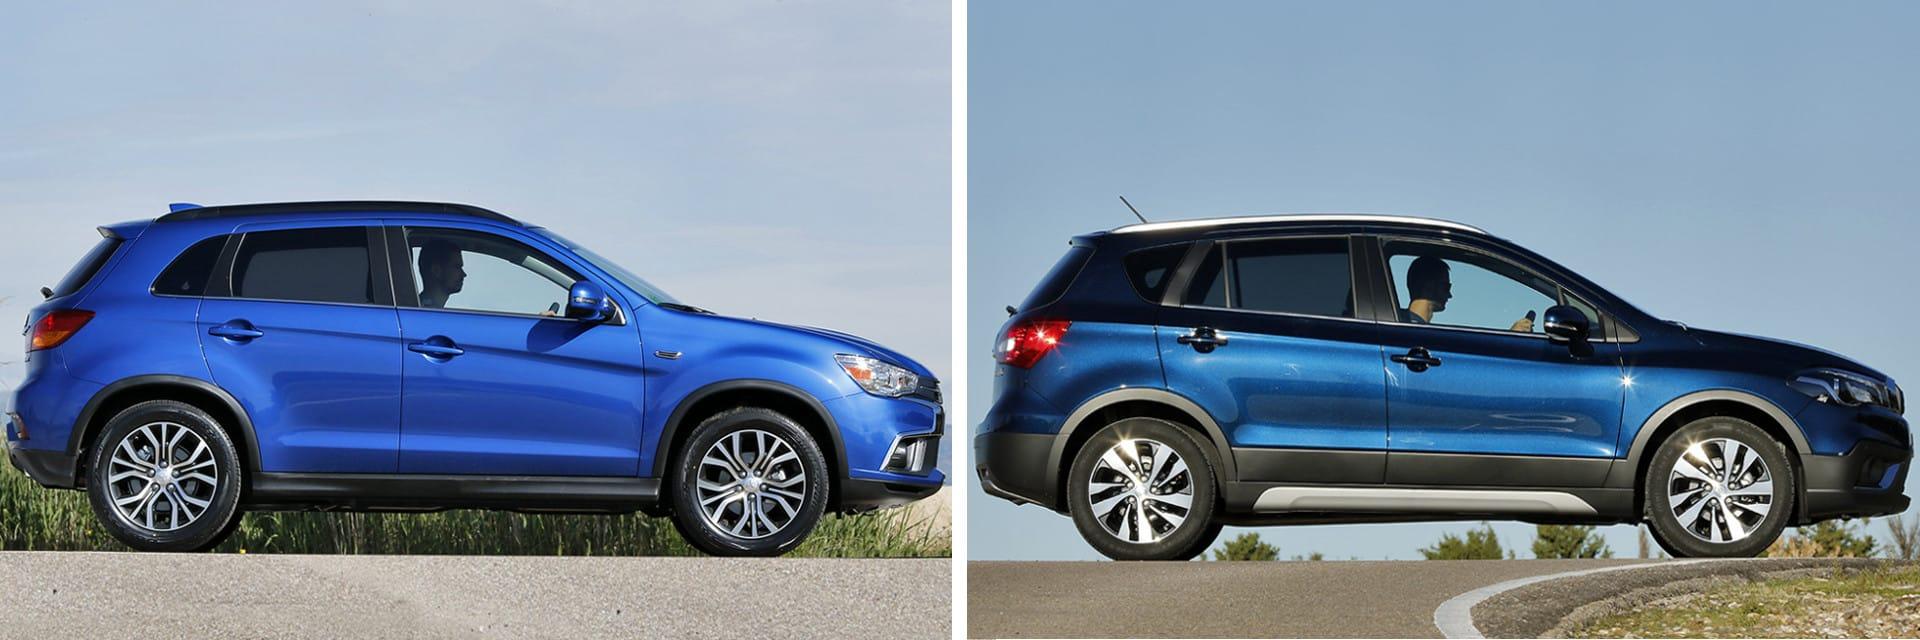 Tanto el Mitsubishi ASX (izq.) como el Suzuki S-Cross (dcha.) son dos vehículos tipo SUV de tamaño medio.